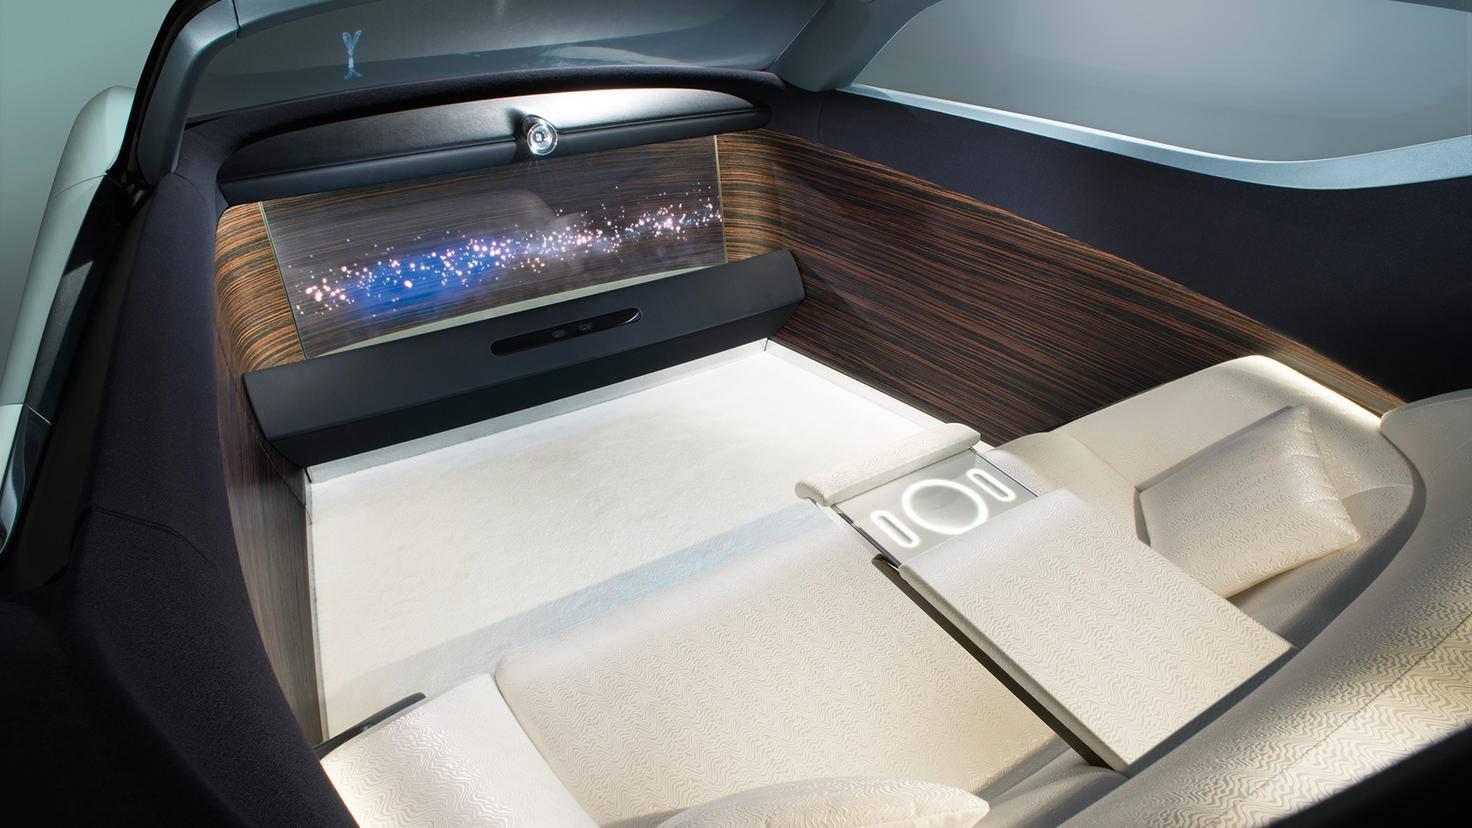 Lounge-Charakter: Statt Lenkrad besticht der Innenraum durch Displays und eine edle Couch.